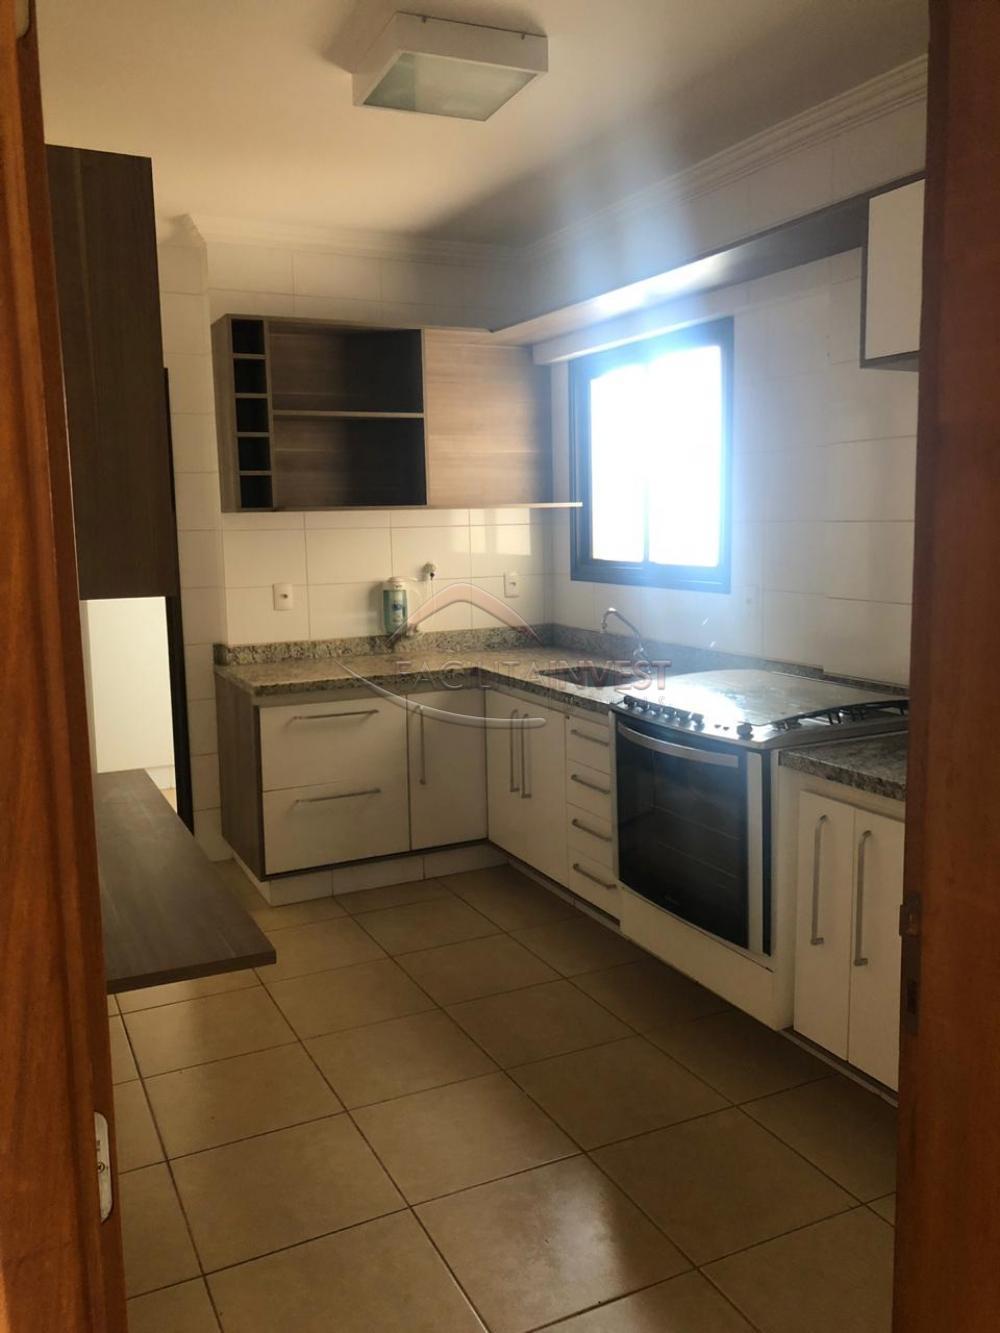 Alugar Apartamentos / Apart. Padrão em Ribeirão Preto apenas R$ 2.200,00 - Foto 6